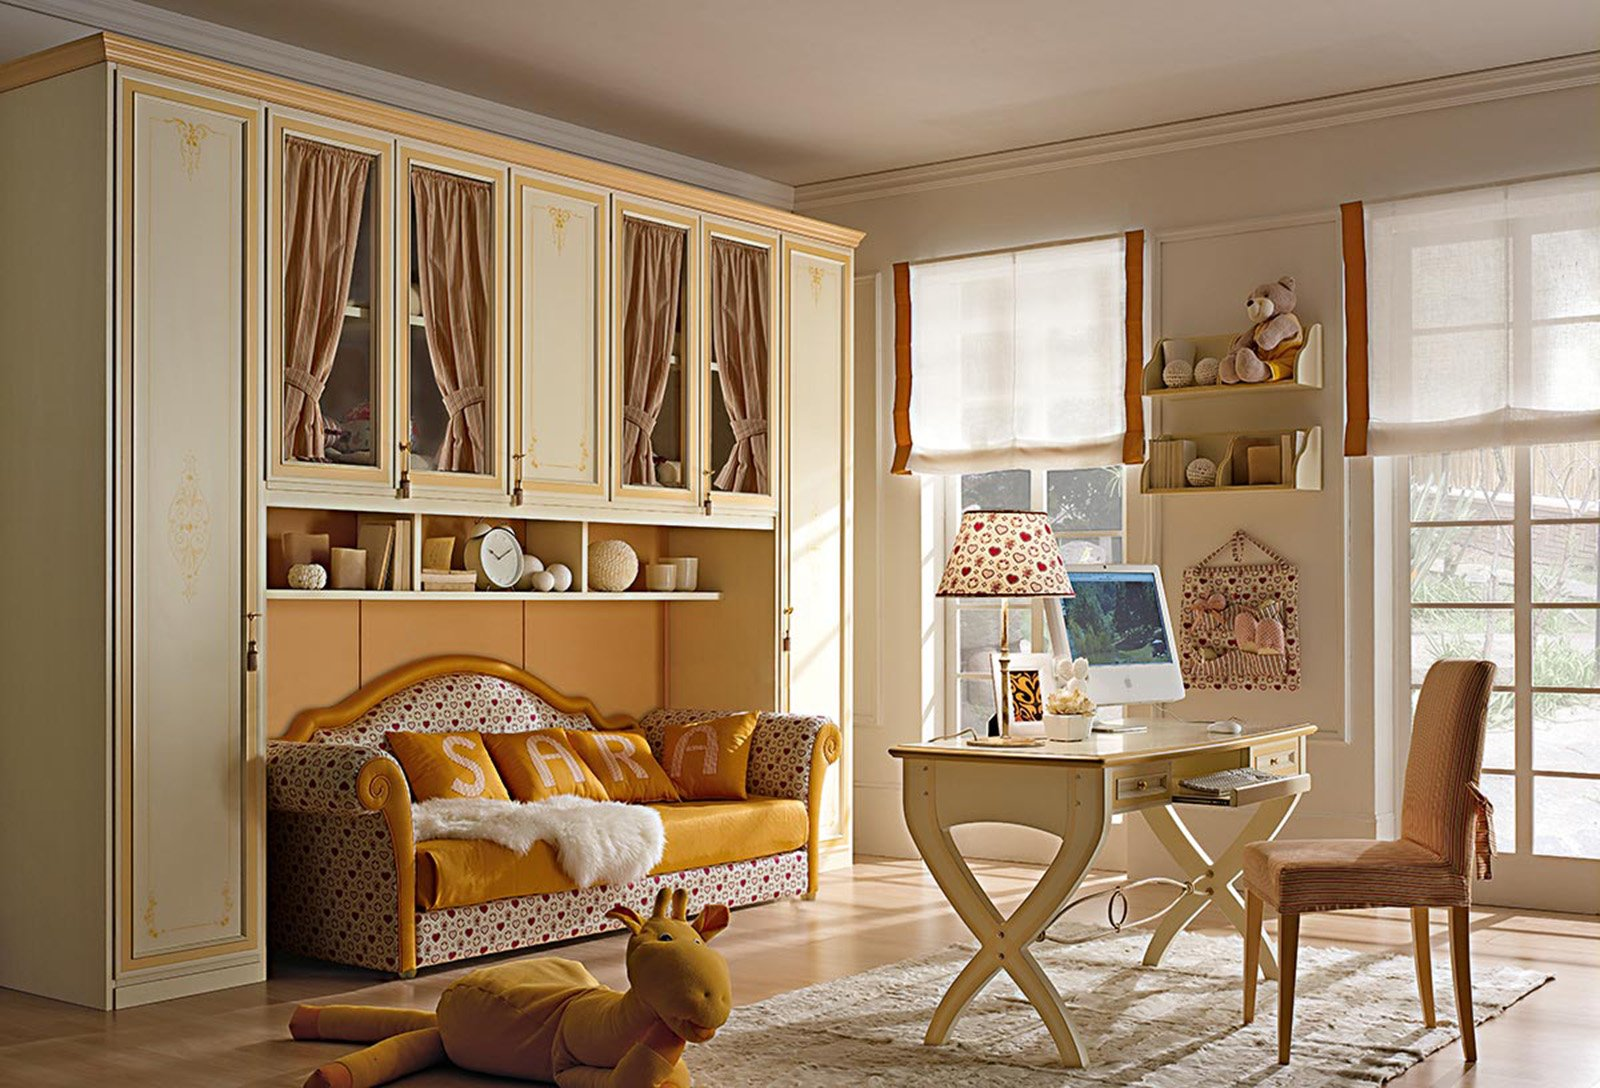 La cameretta romantica di gusto classico cose di casa - Immagini per camera da letto ...